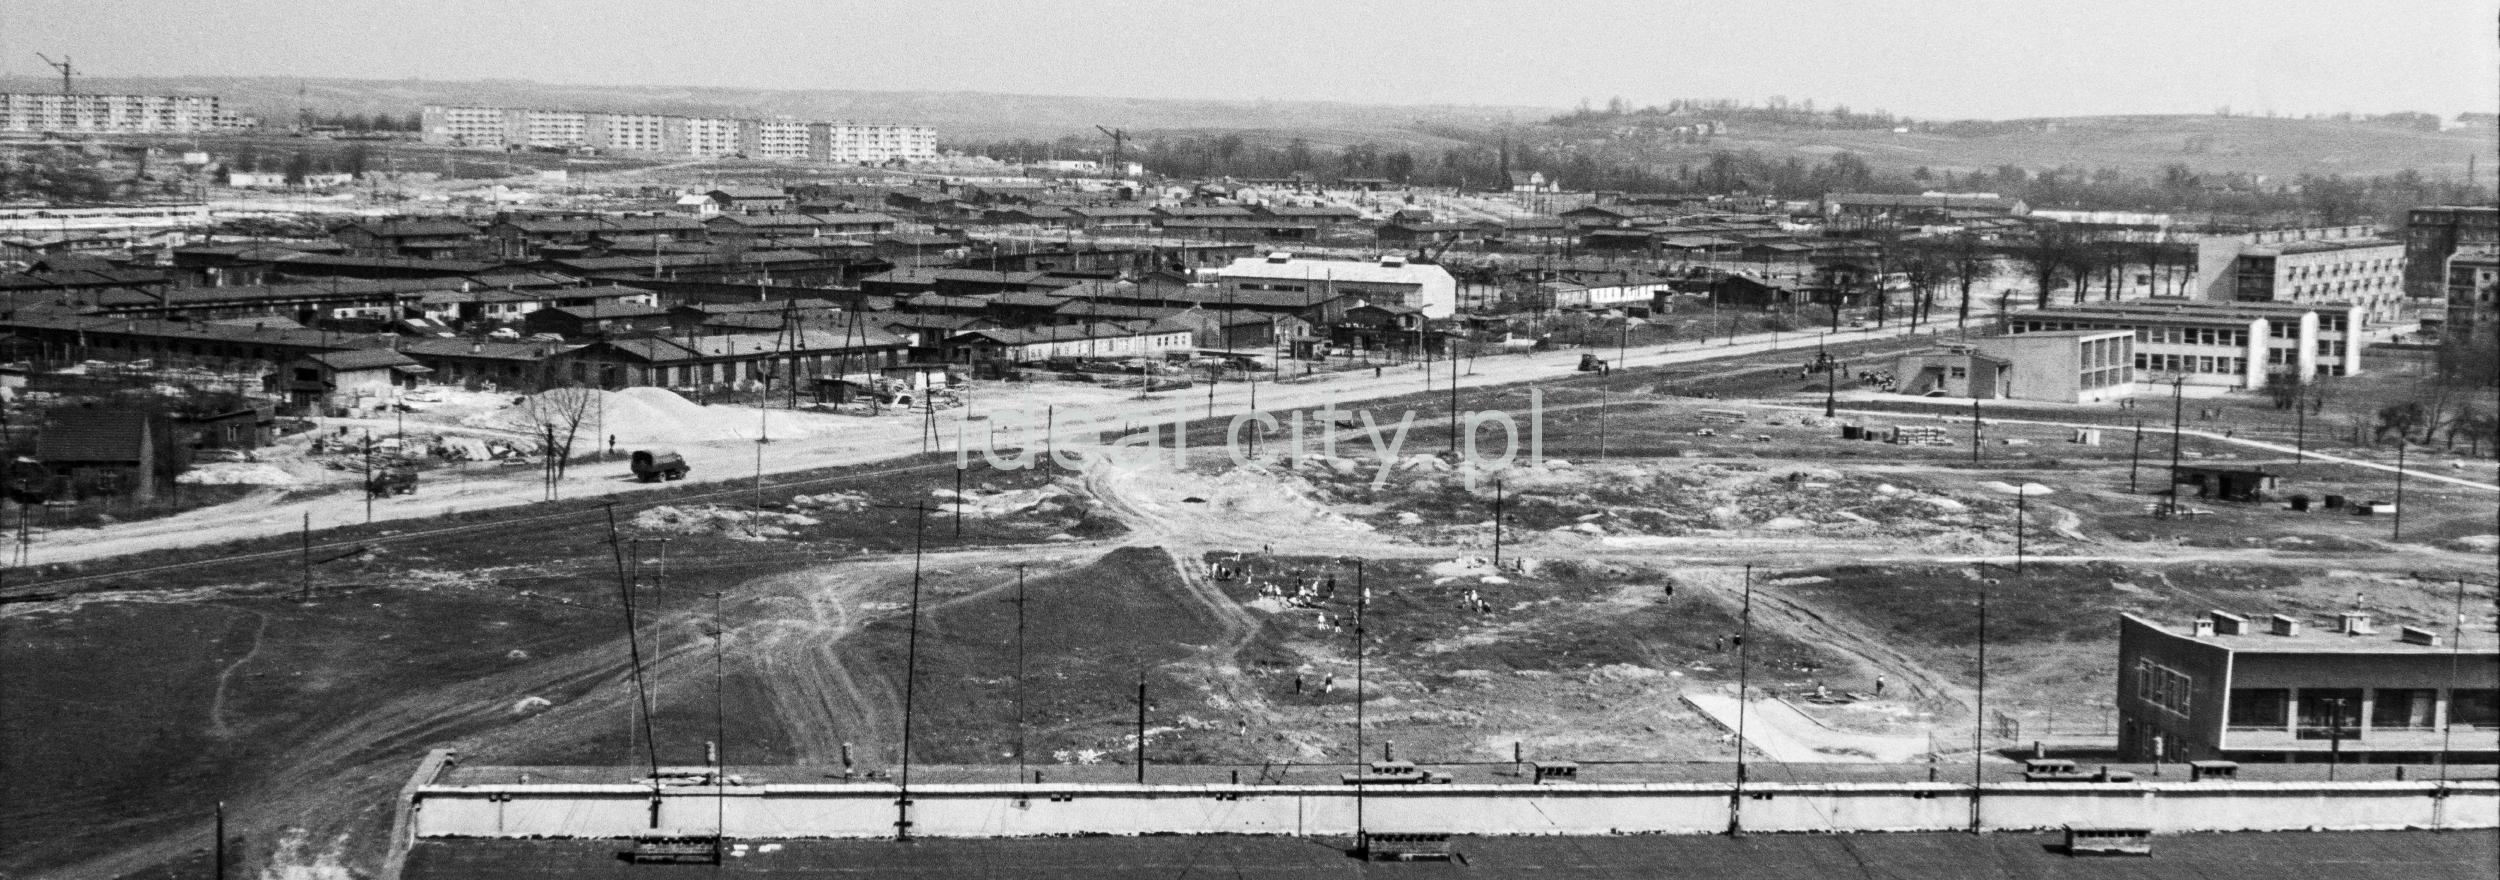 Perspektywiczne ujęcie z góry na łąkę wypełnioną kilkudziesięcioma barakami, na horyzoncie zabudowa blokowa.